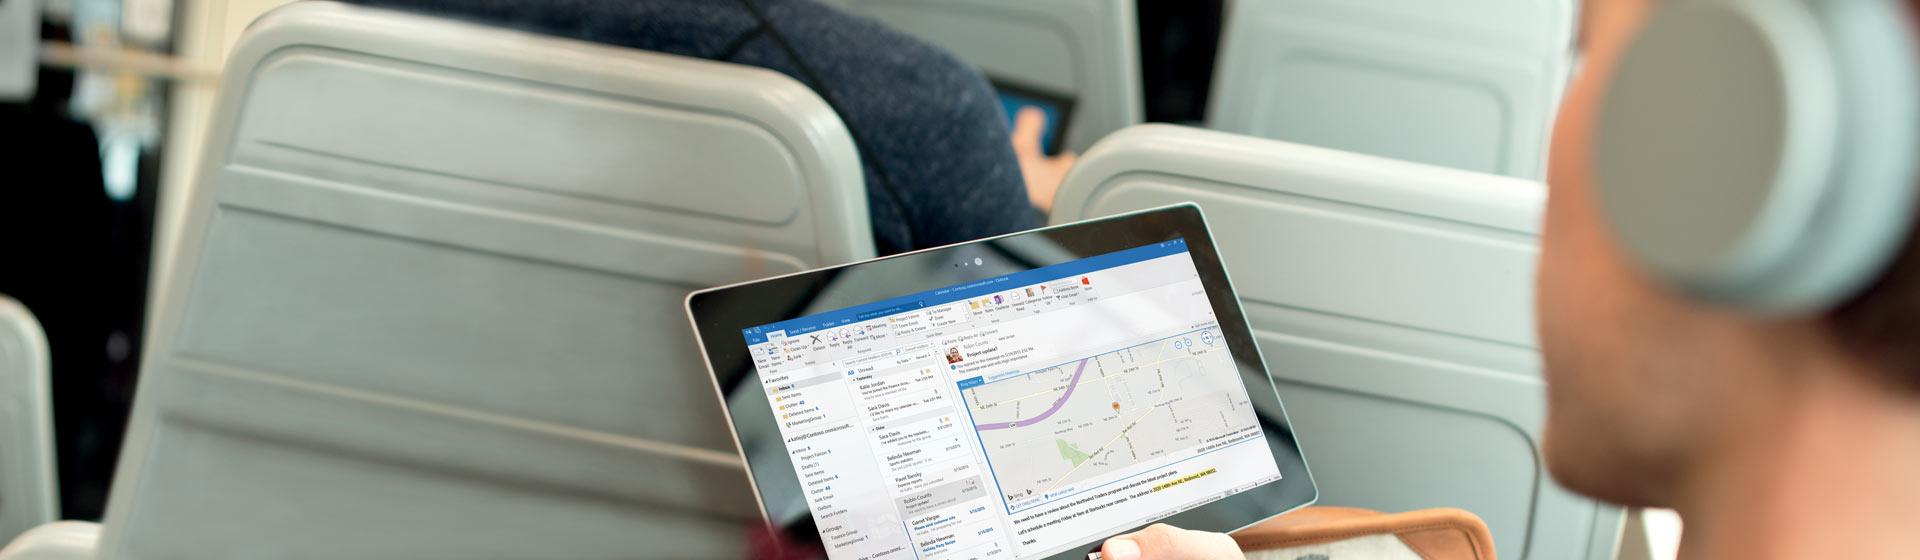 Muškarac drži tablet na kojem se prikazuje njegova ulazna e-pošte u sustavu Office 365